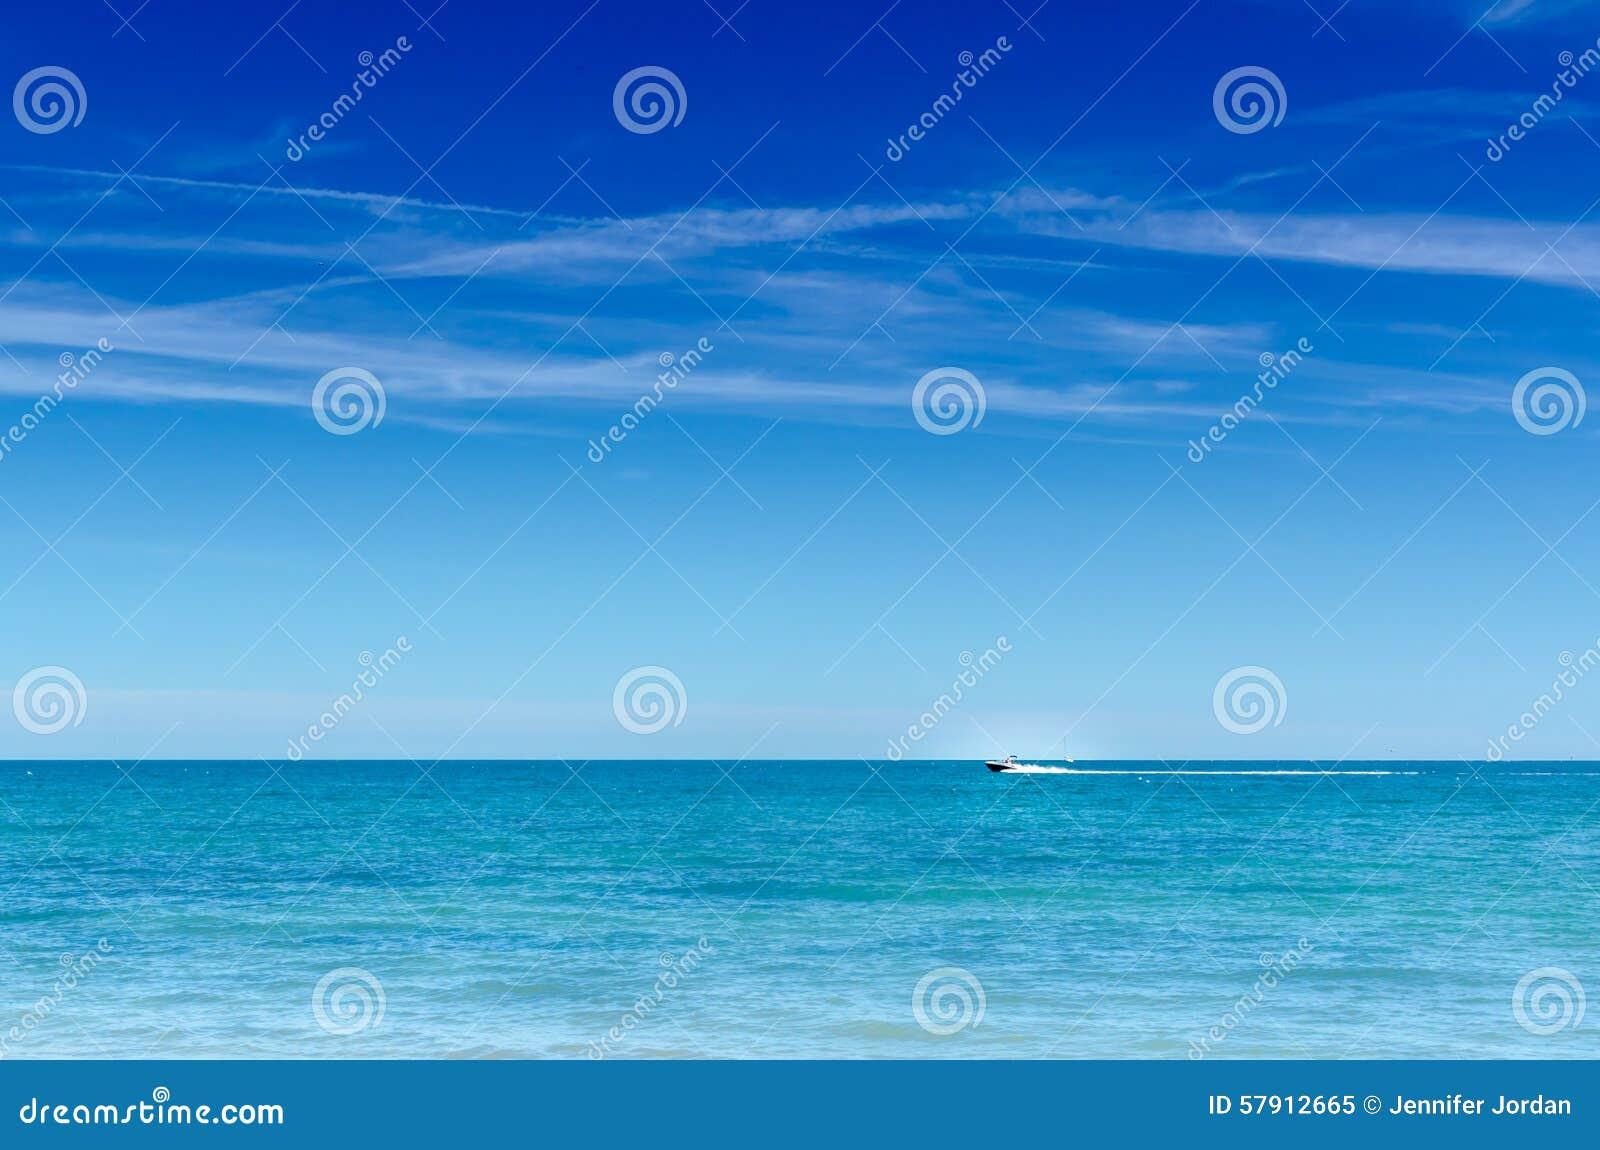 Μεγάλο μπλε ταχύπλοο ωκεανών και ουρανού οριζόντιο